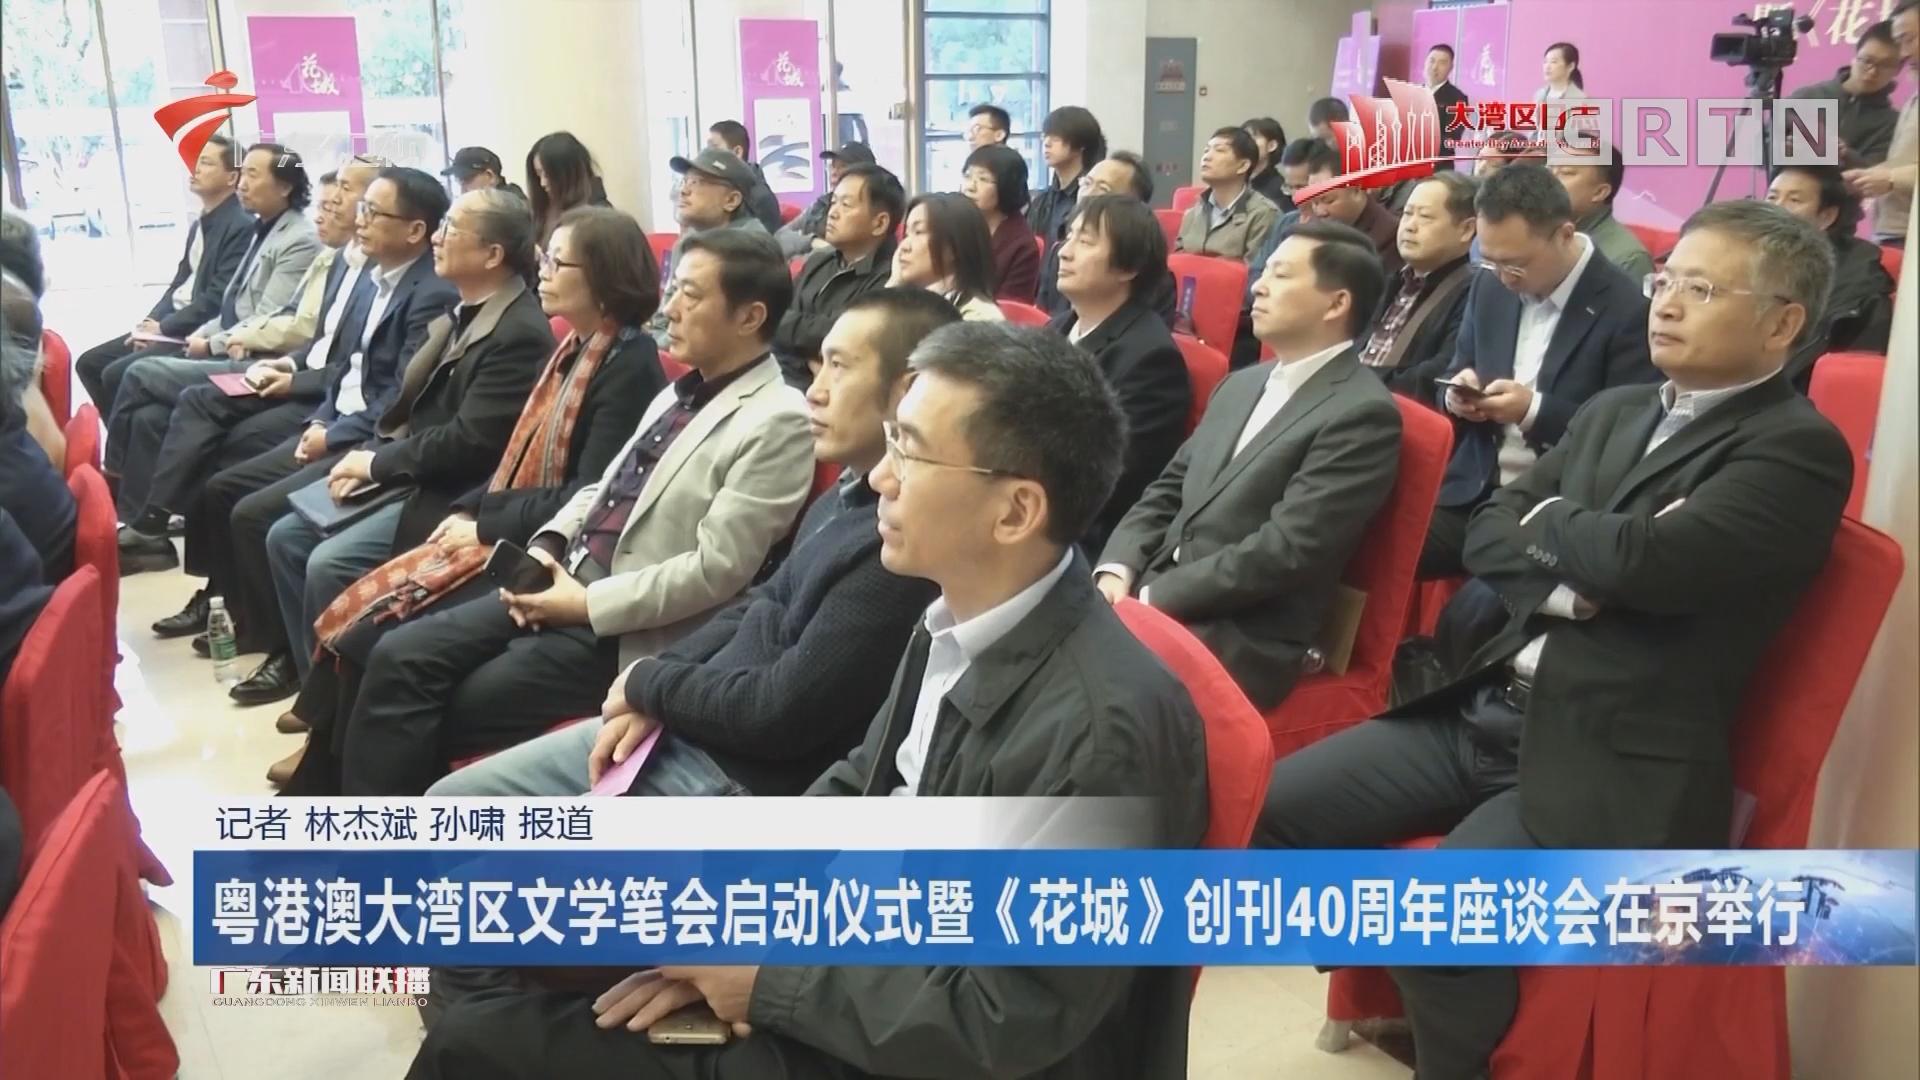 粤港澳大湾区文学笔会启动仪式暨《花城》创刊40周年座谈会在京举行